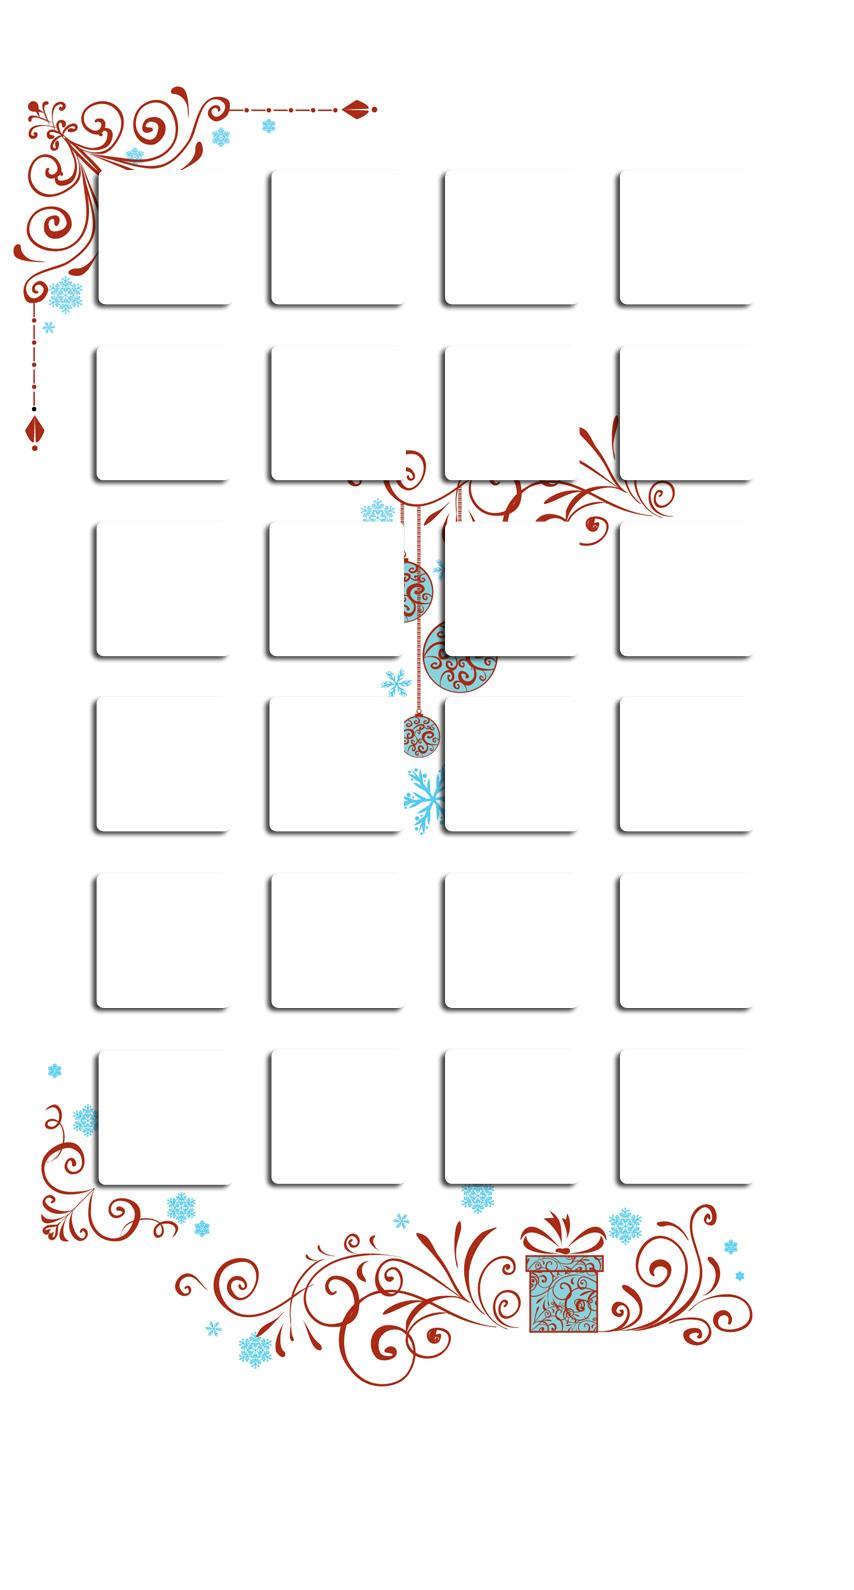 棚イラスト女子向け模様白 Wallpapersc Iphone6s壁紙